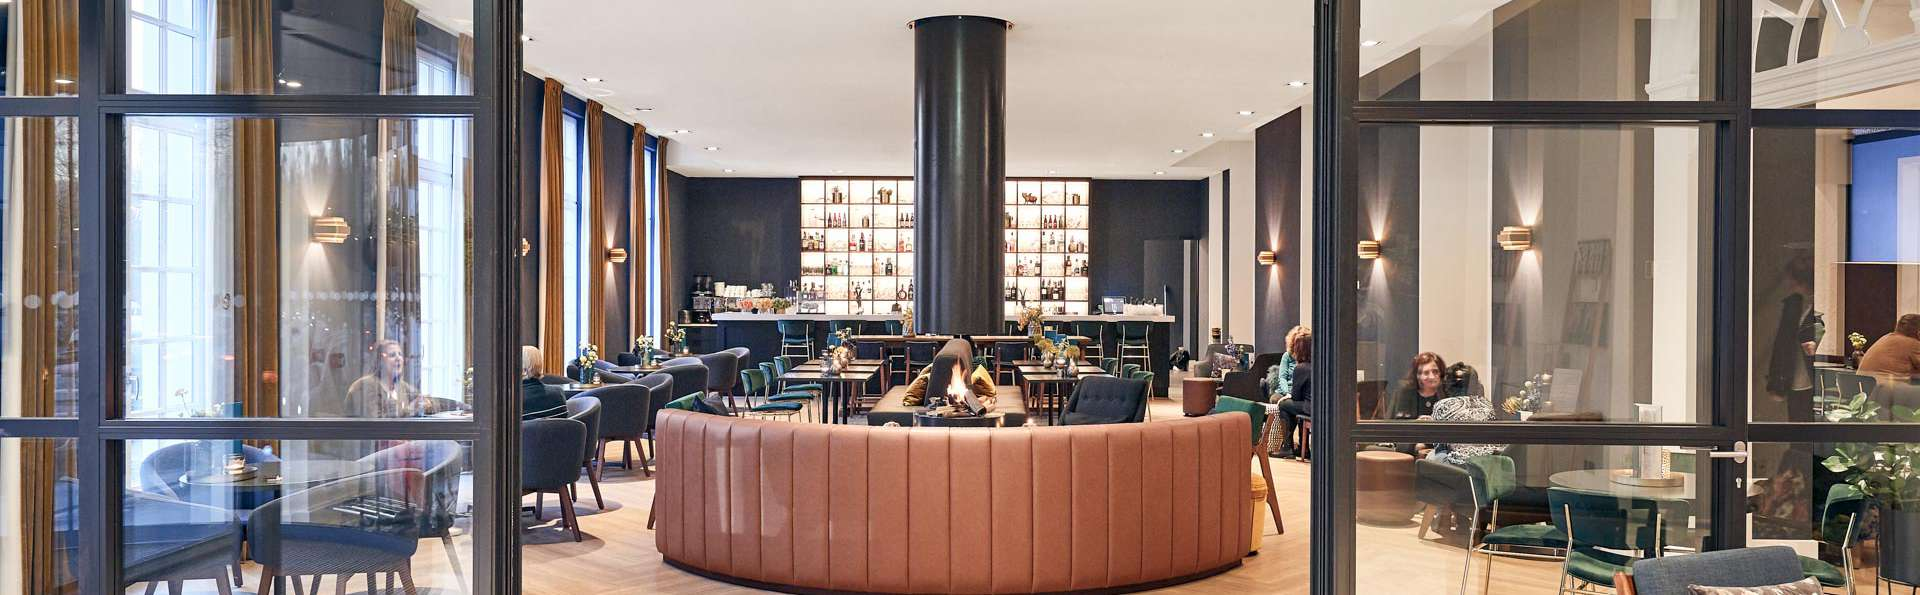 Hotel Van der Valk Brugge Oostkamp - EDIT_NEW_BAR_03.jpg